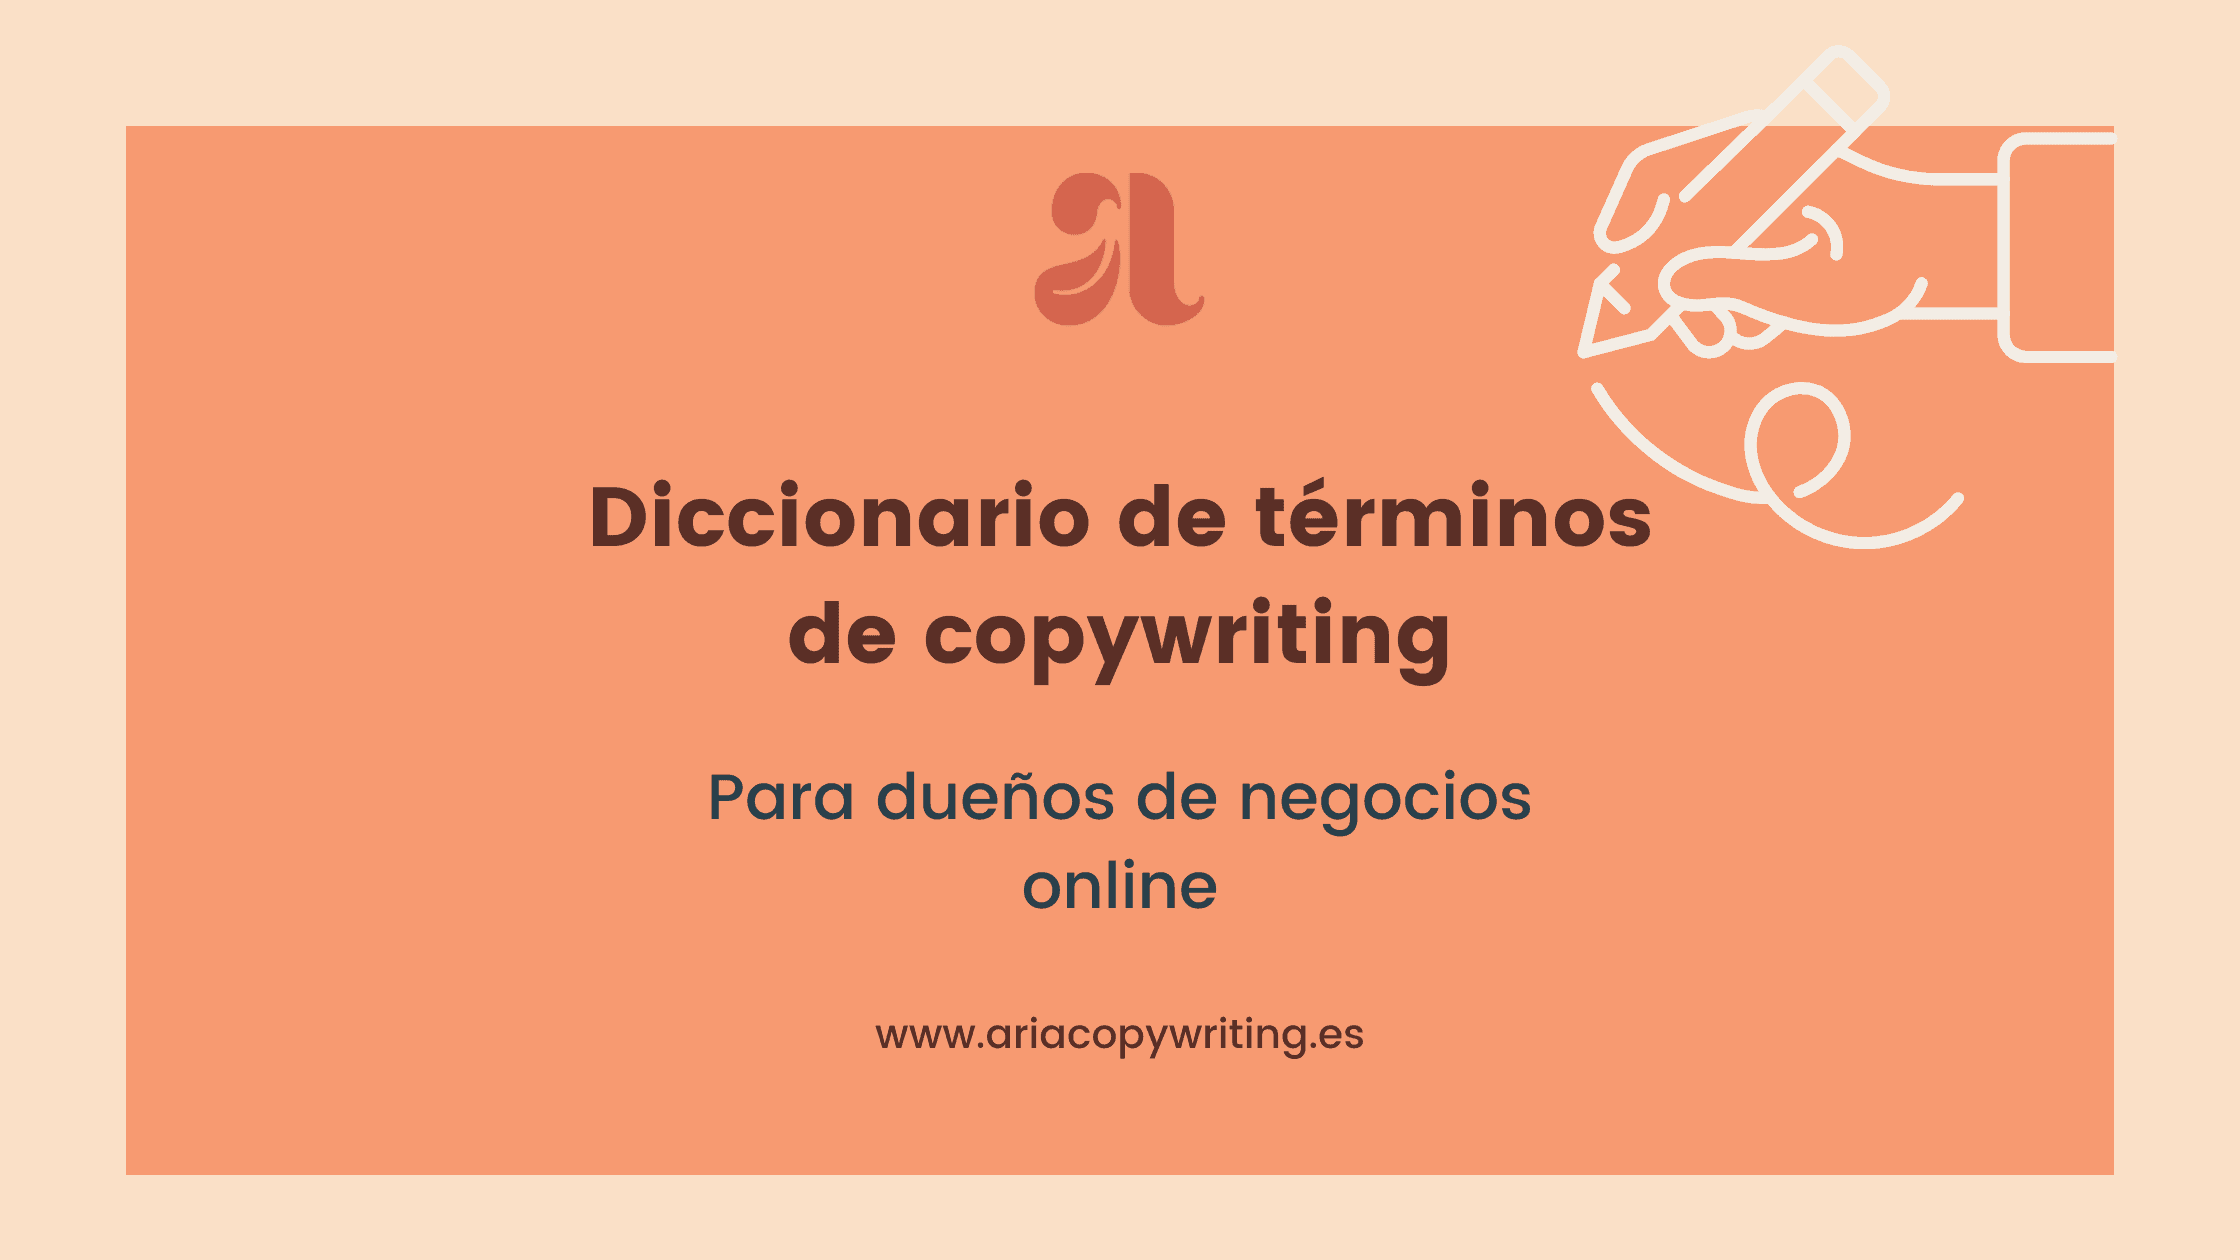 Diccionario de terminos de copywriting 2